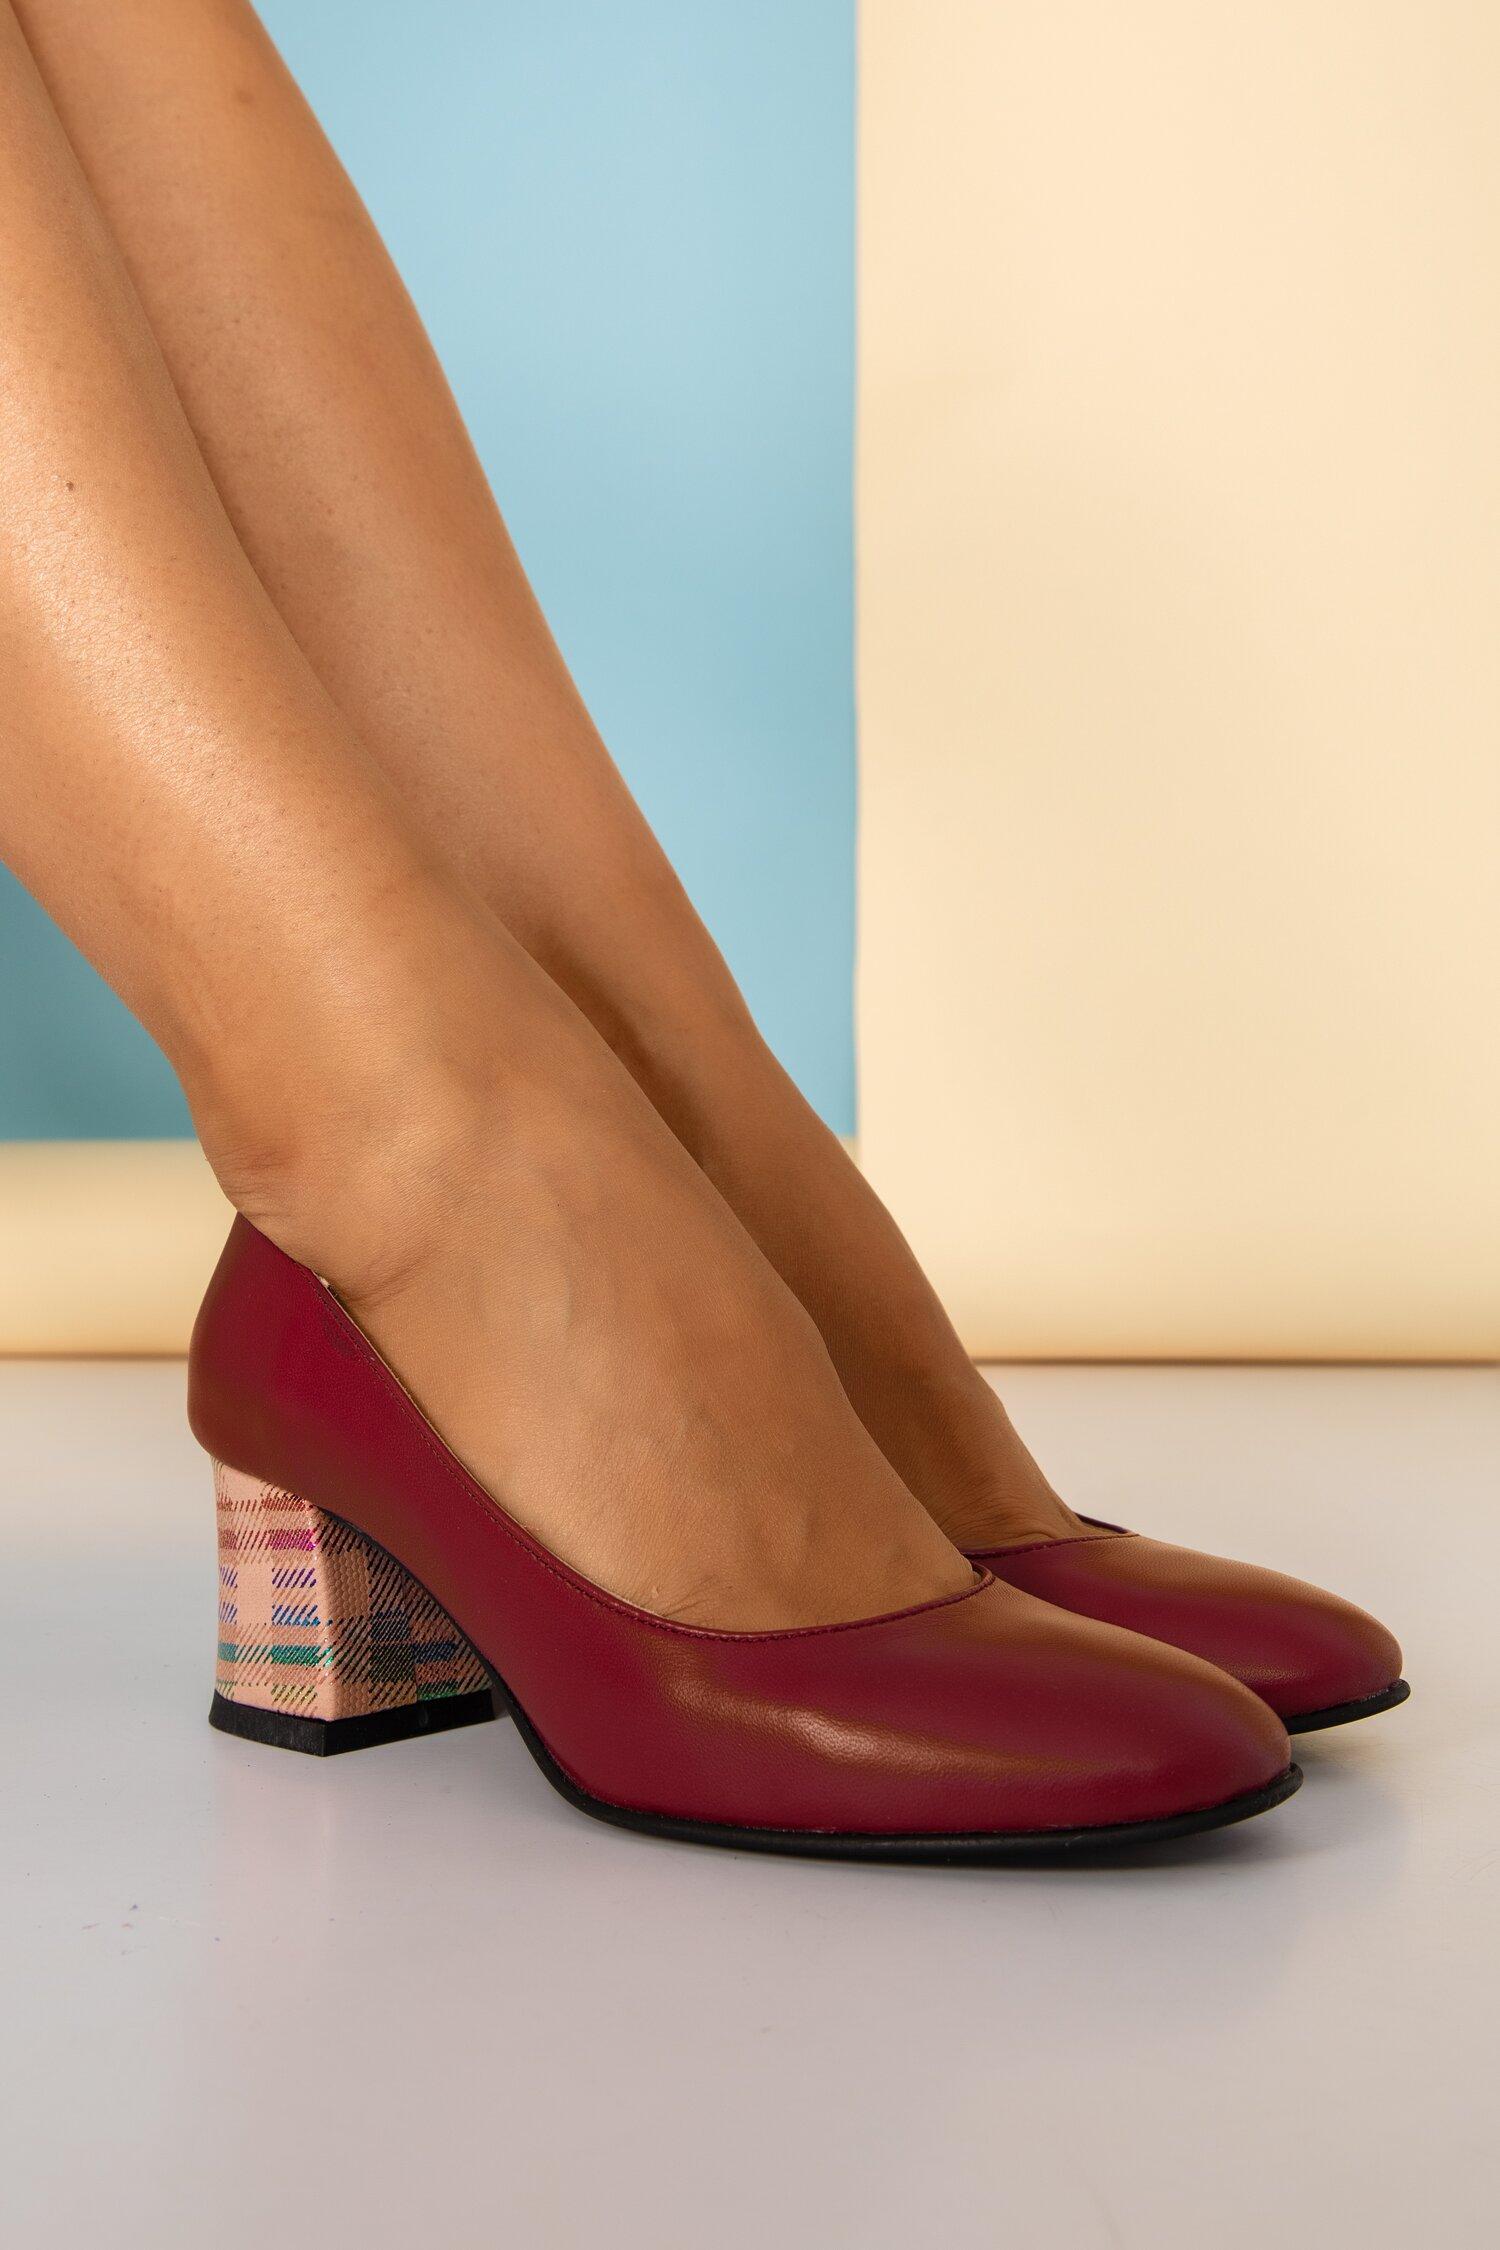 Pantofi Aron visinii office cu detalii stralucitoare pe toc